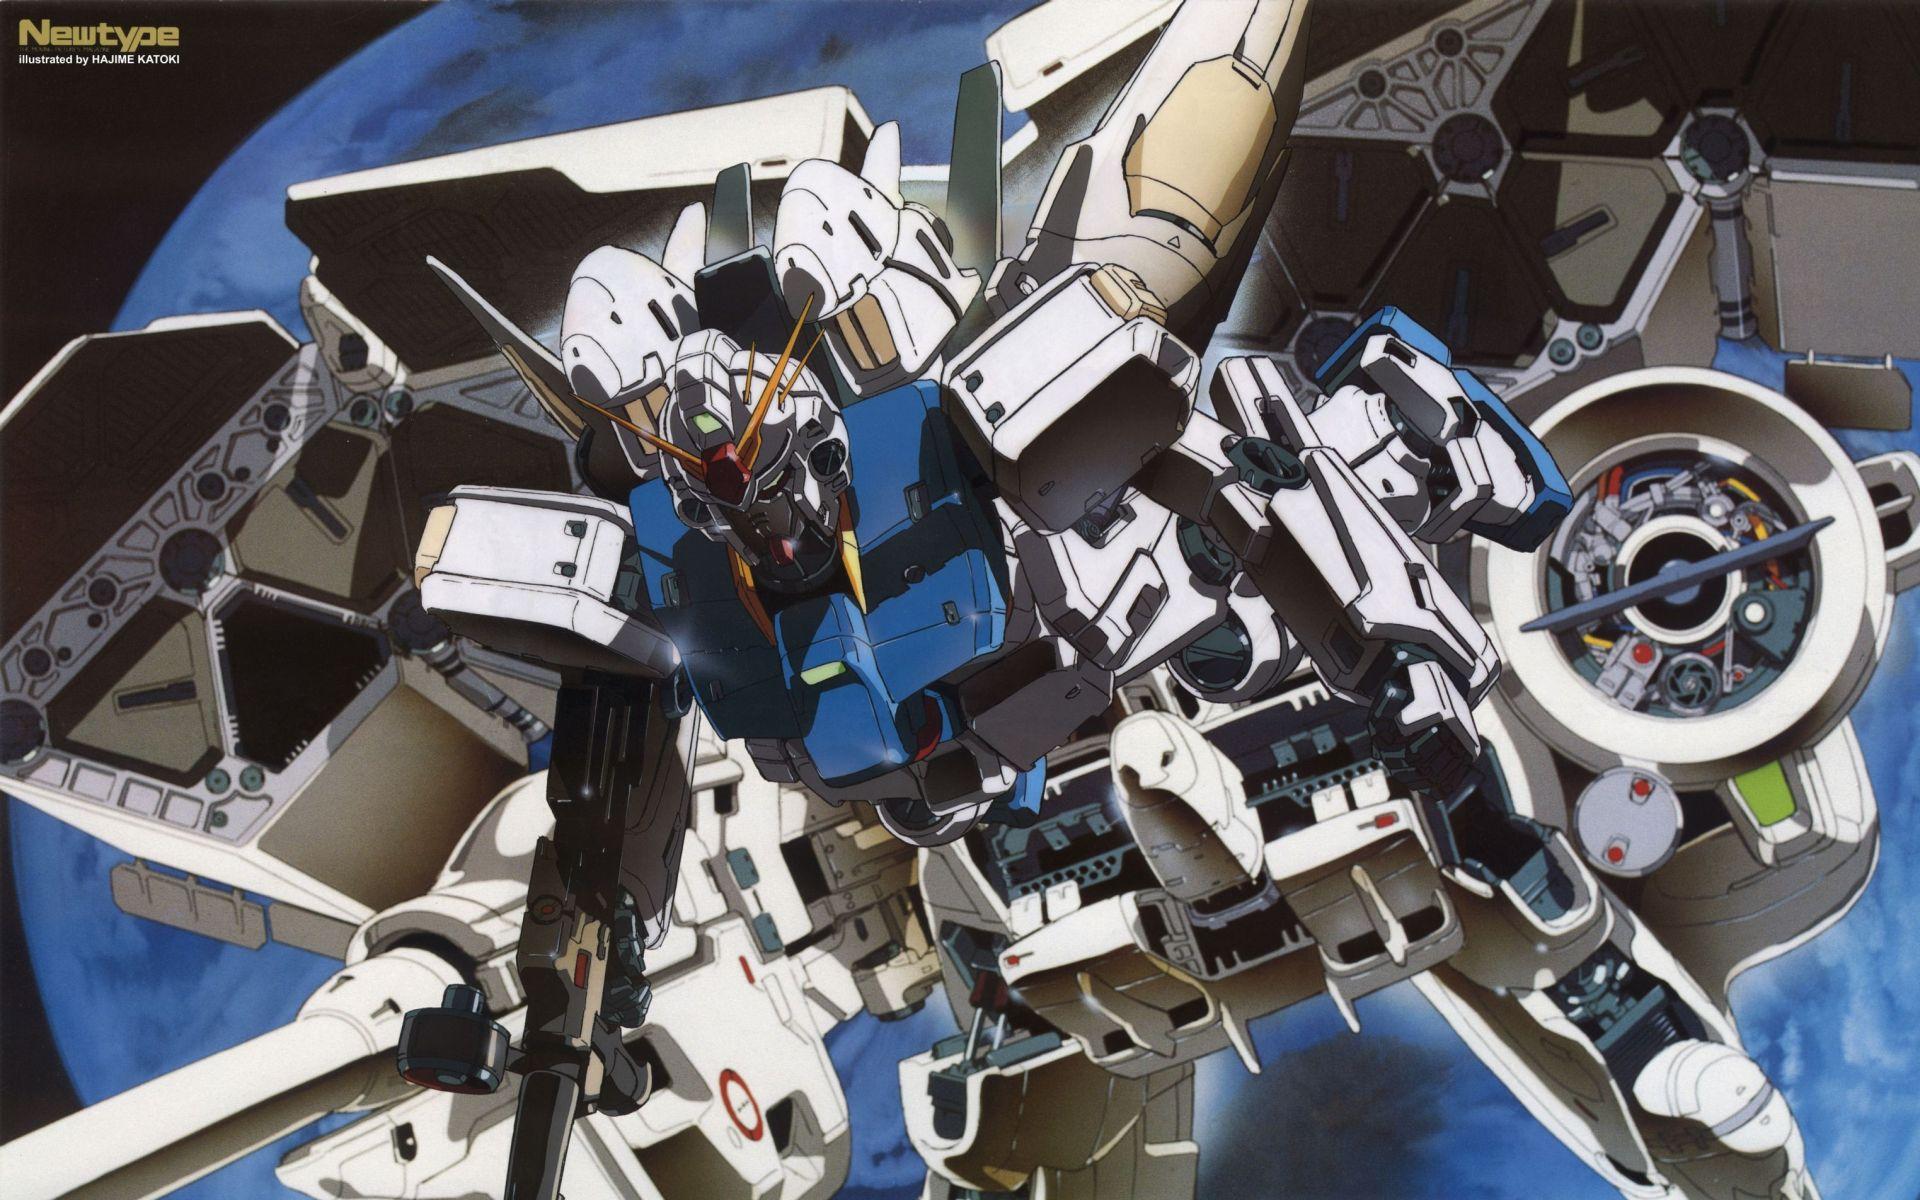 Hd wallpaper of s8 - Anime Mecha Wallpaper 291700